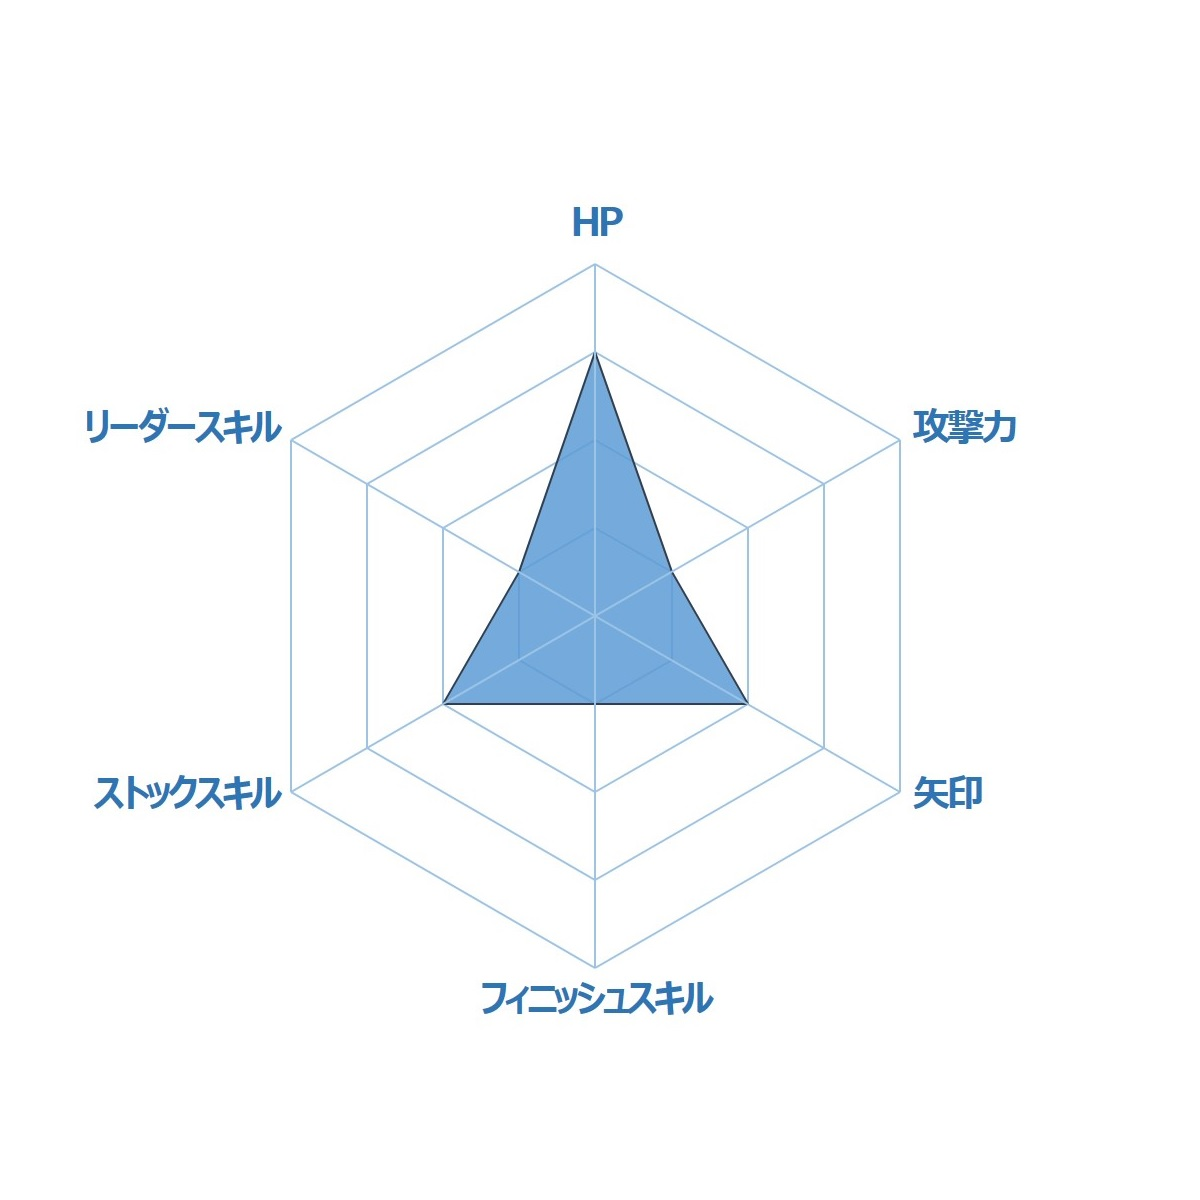 ガルズモンズ【キャラ性能・評価】ゴキピクシー